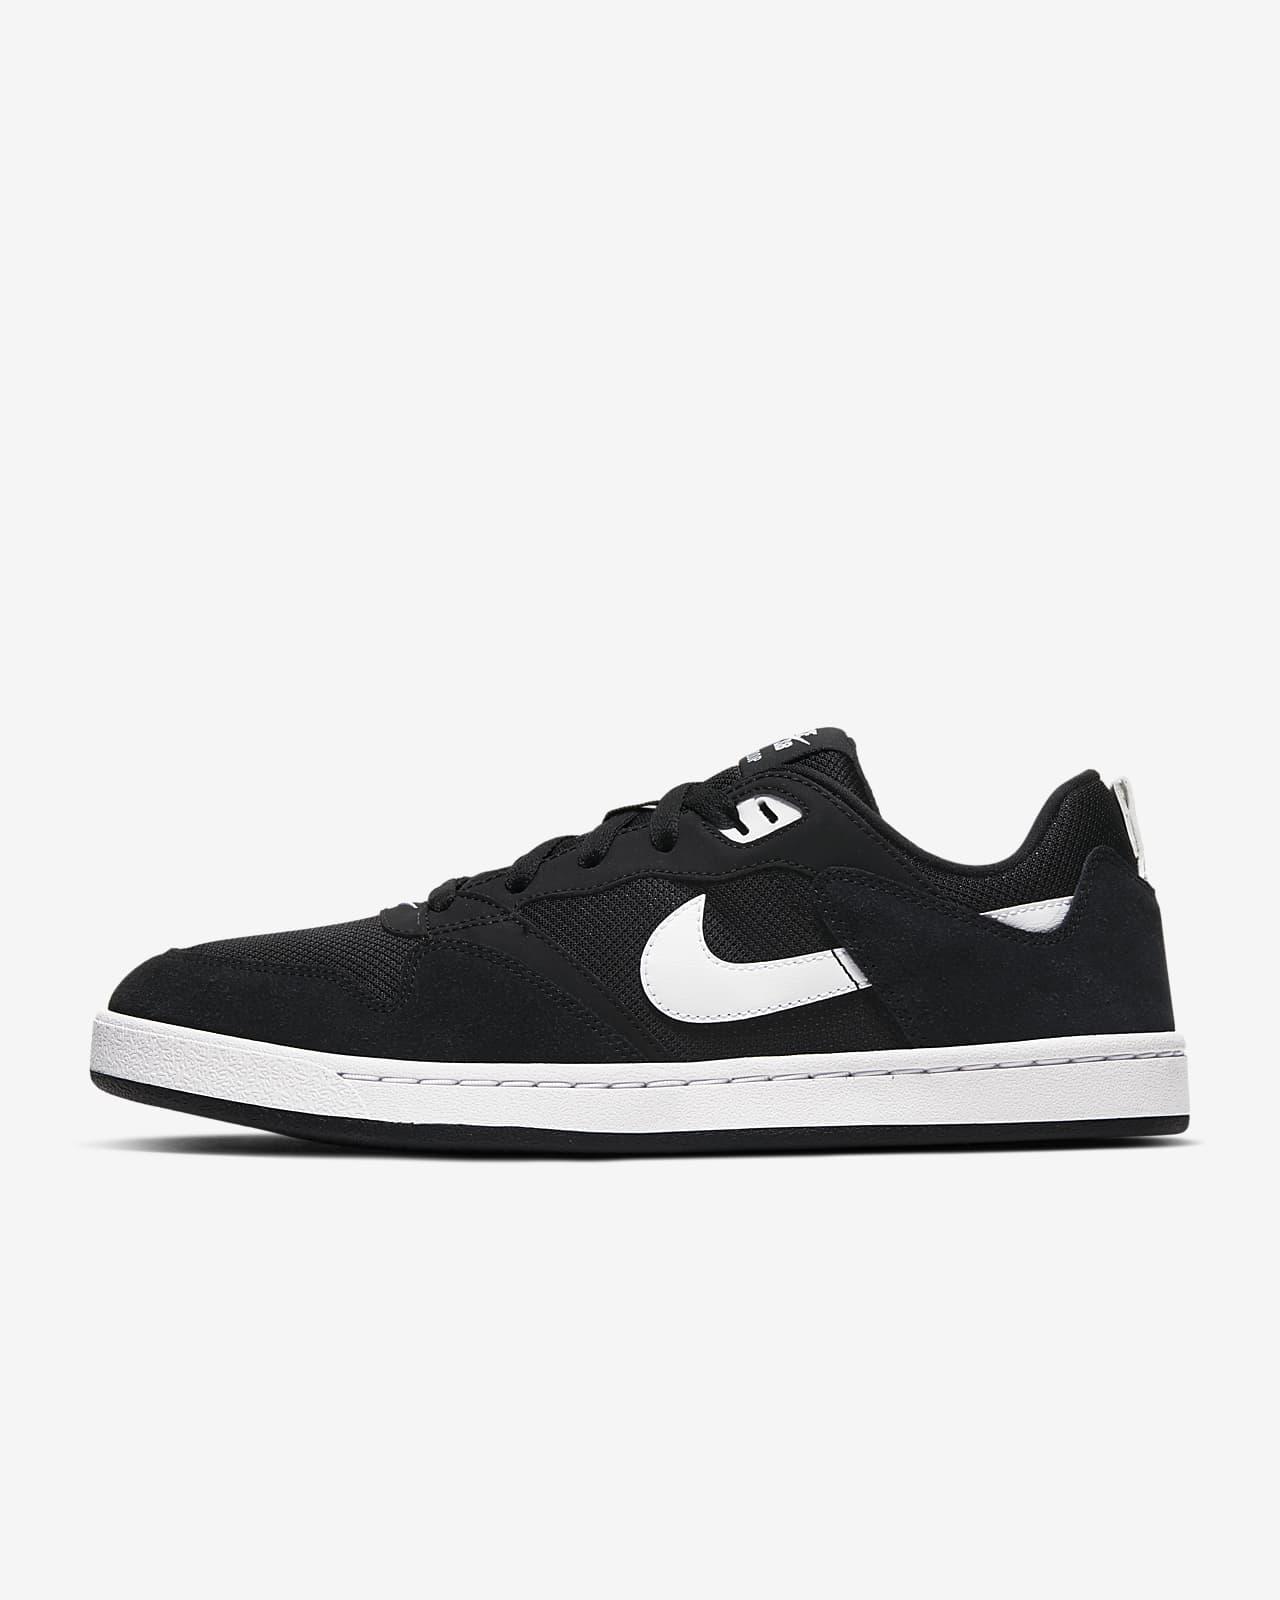 รองเท้าสเก็ตบอร์ด Nike SB Alleyoop